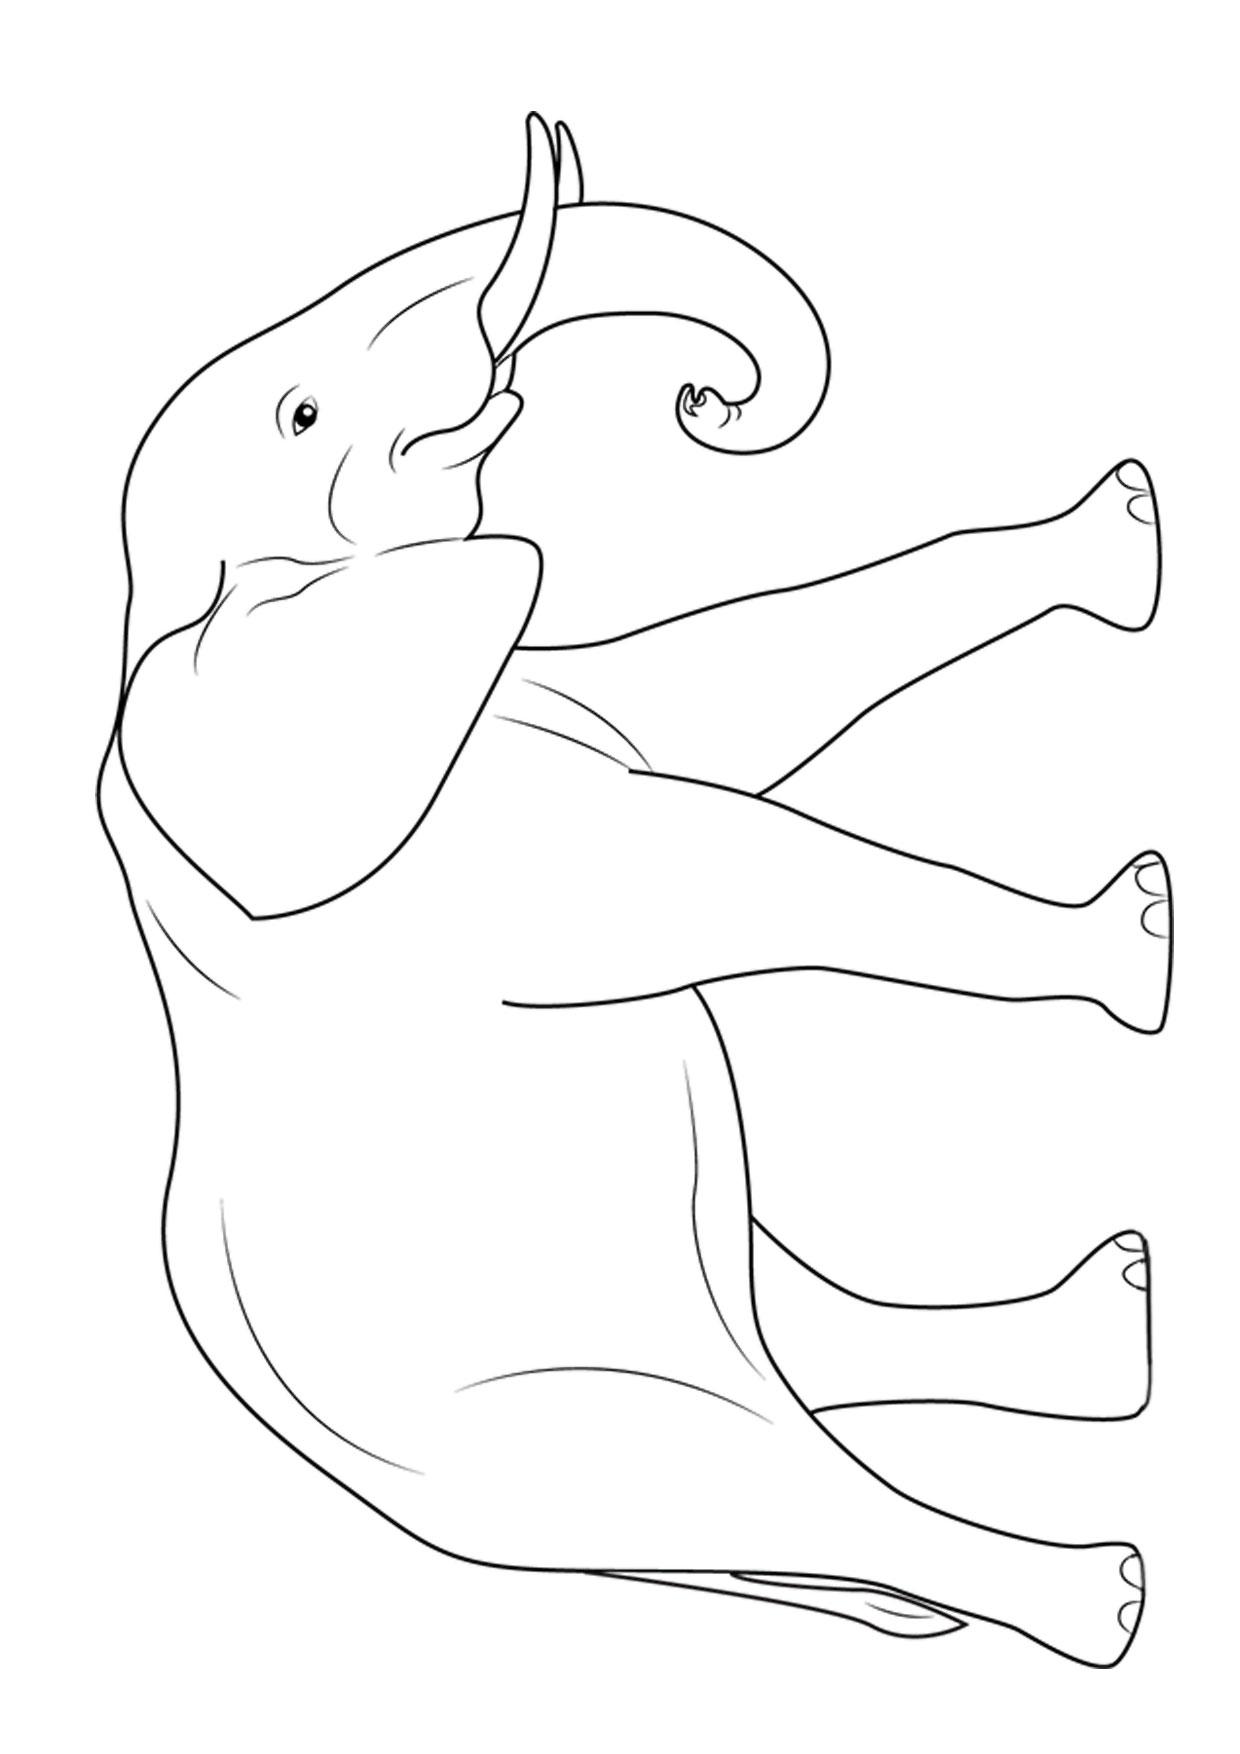 Disegno di elefanti da colorare 06